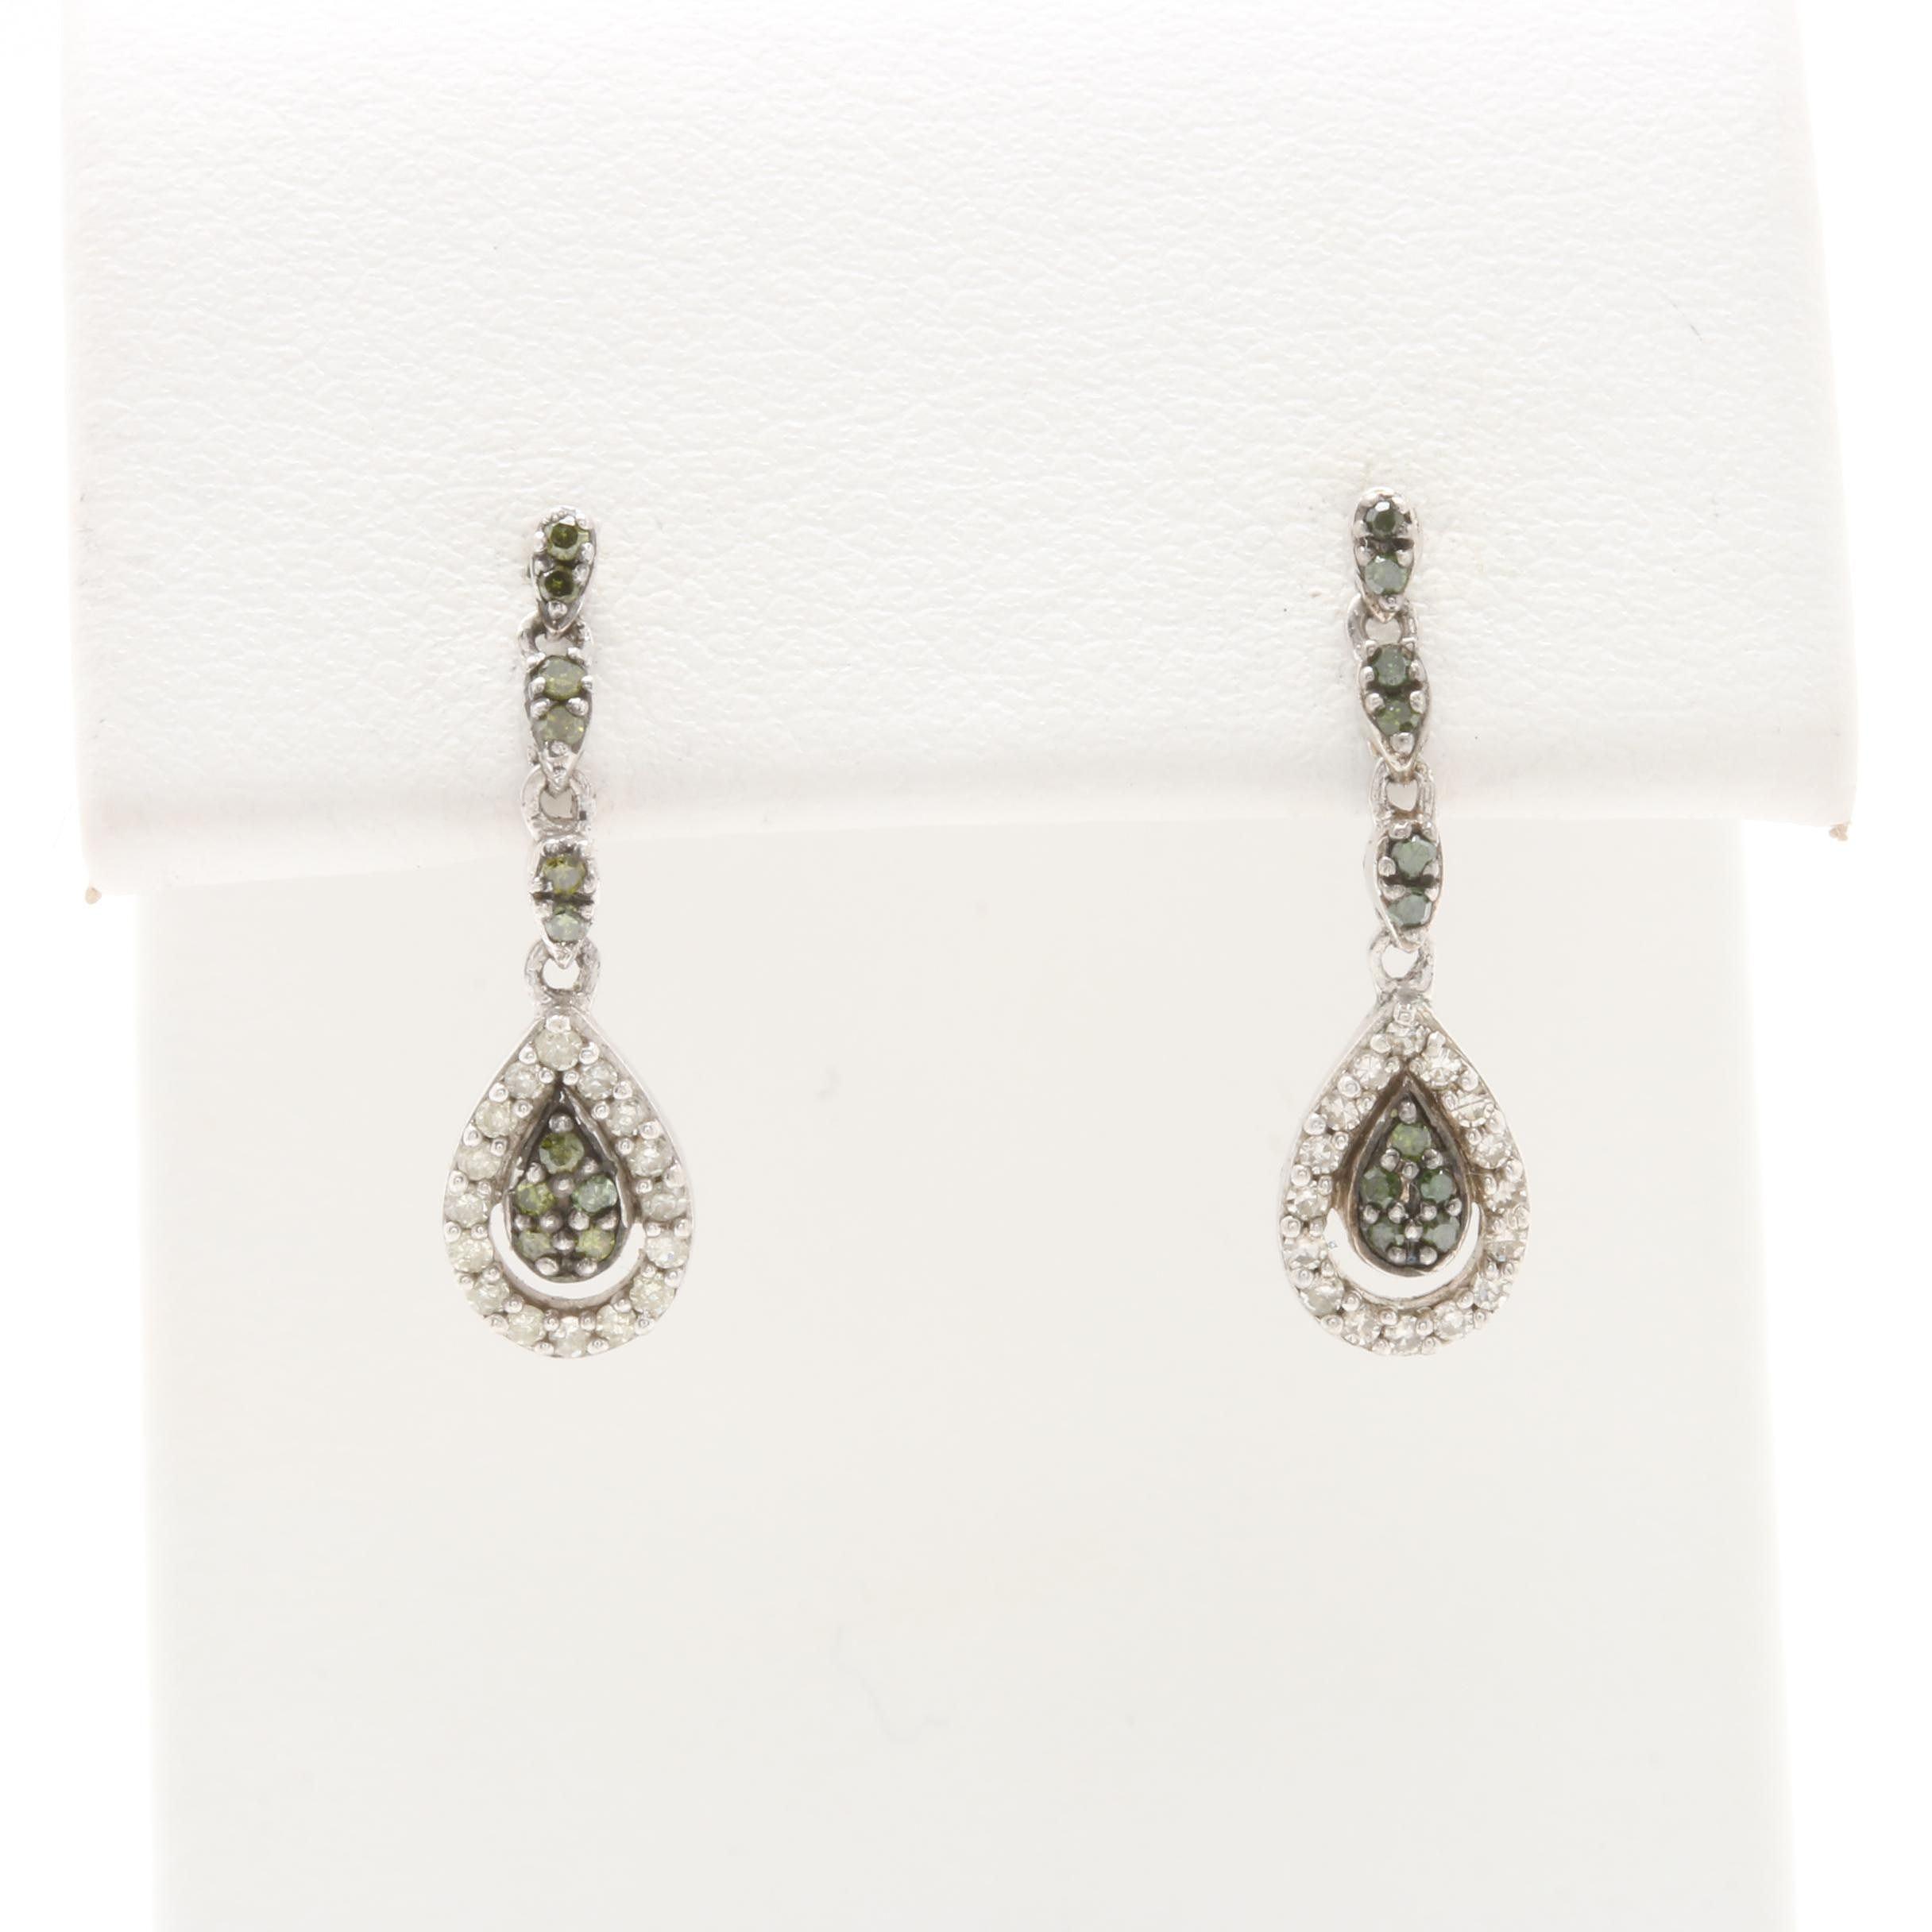 Sterling Silver Diamond Drop Earrings Featuring Green Diamonds